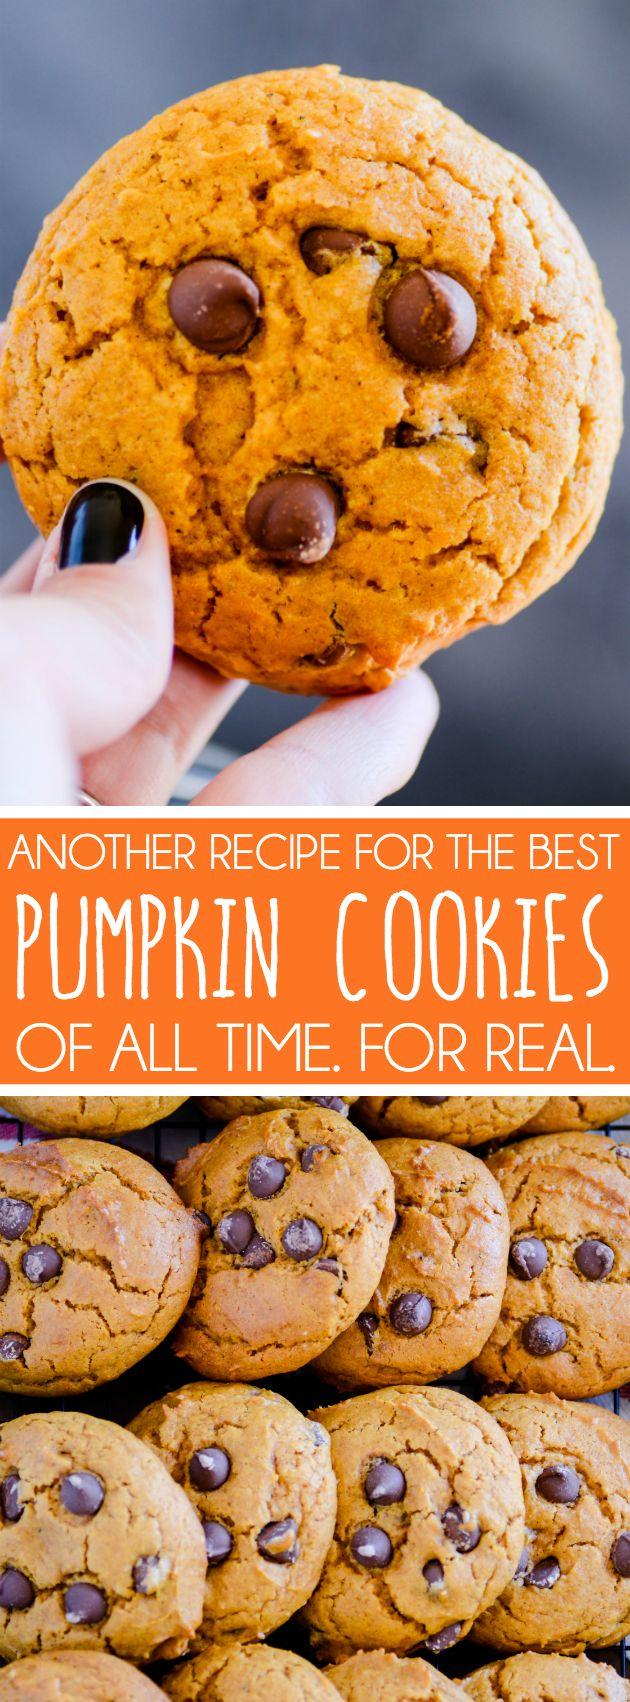 Pumpkin Chocolate Chip Cookies II http://www.somethingswanky.com/pumpkin-chocolate-chip-cookies-ii/?utm_campaign=coschedule&utm_source=pinterest&utm_medium=Something%20Swanky&utm_content=Pumpkin%20Chocolate%20Chip%20Cookies%20II